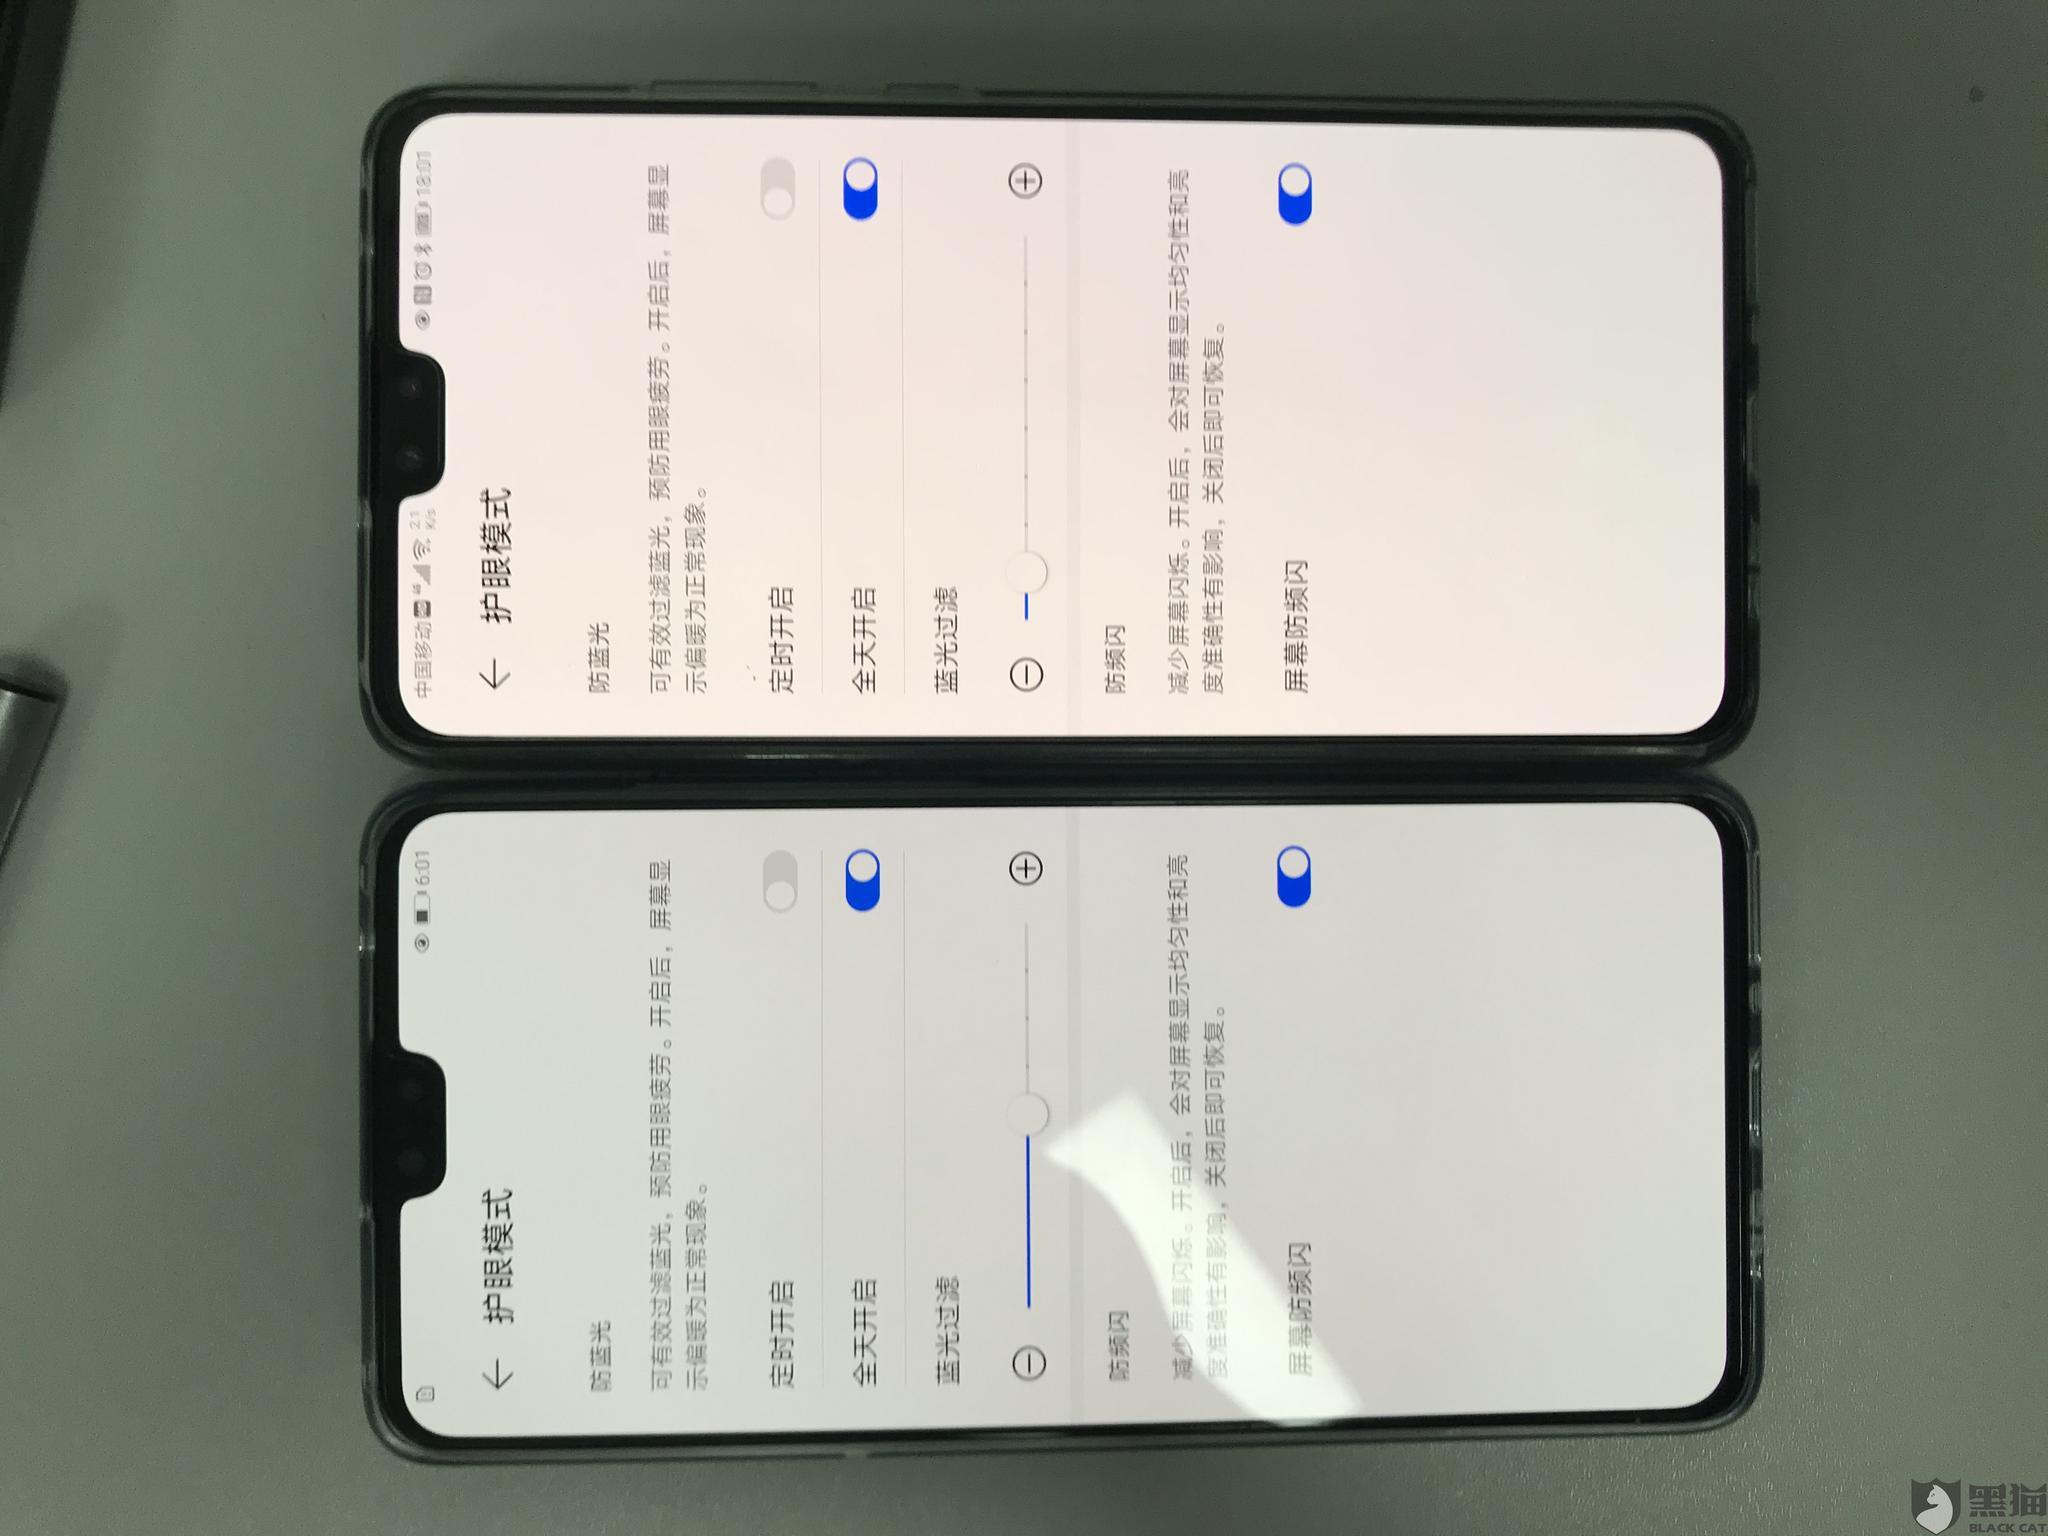 黑猫投诉:华为手机mate30 5g版本,相同型号屏幕显示色彩不同,导致眼睛很累!